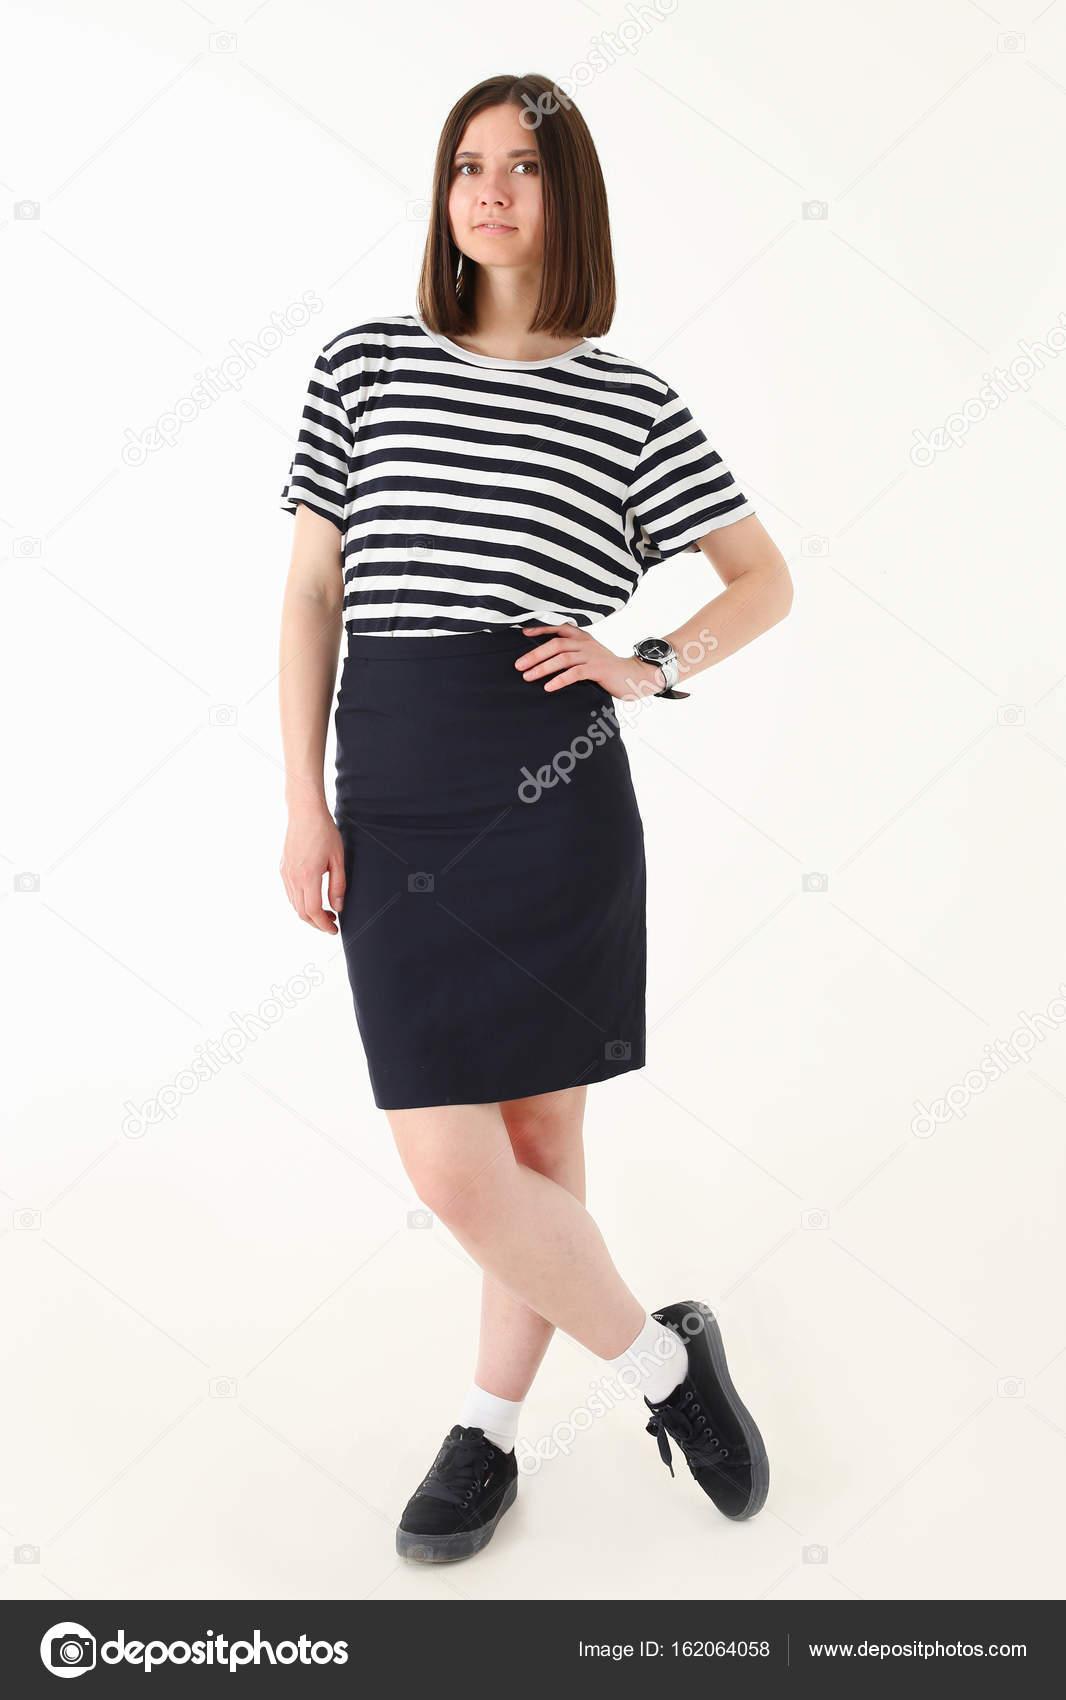 1988689aa2 Modelo de una mujer en una camiseta de rayas y falda sobre un fondo gris en